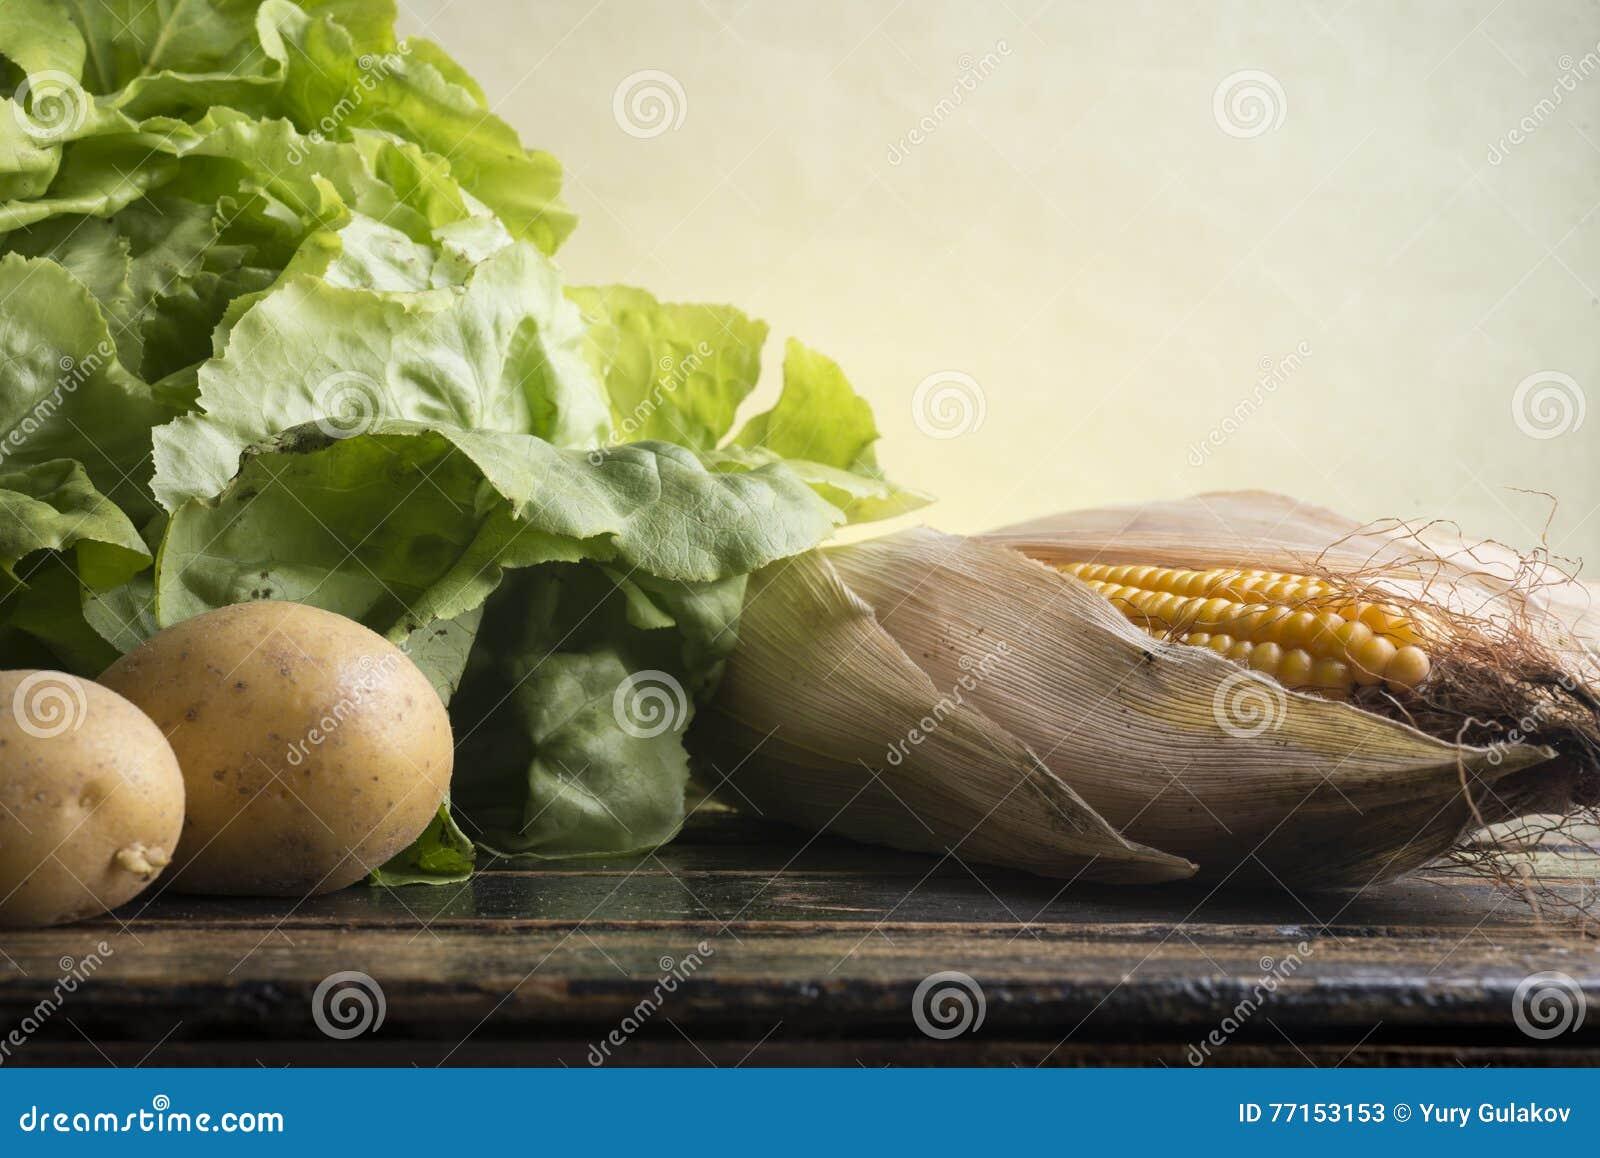 La vie toujours du maïs, laitue, pommes de terre